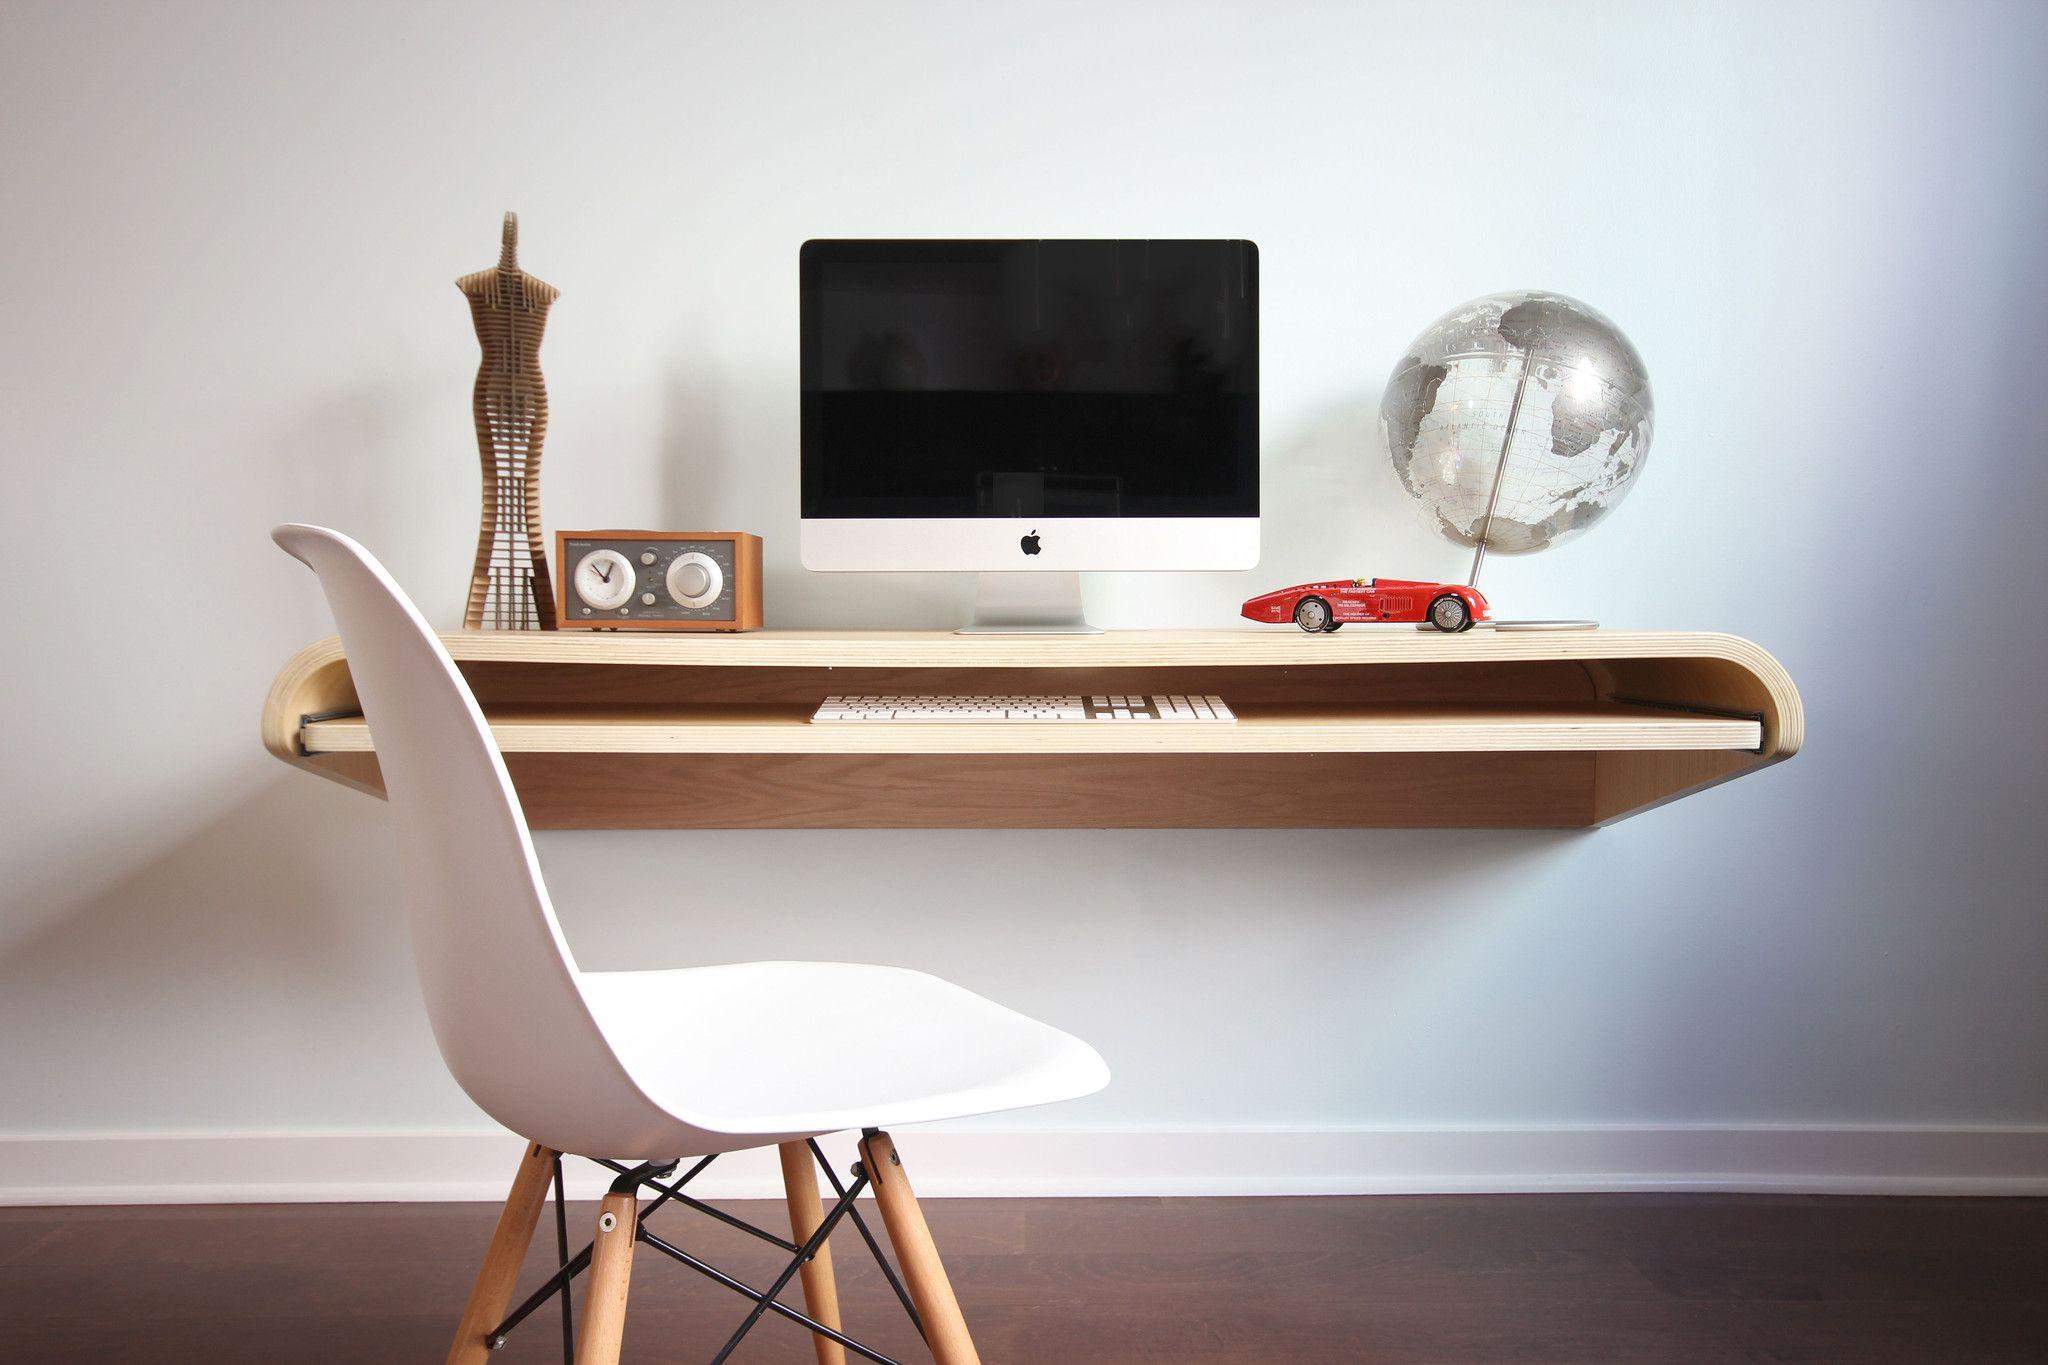 Small Computer Shop Interior Design Ideas - valoblogi.com